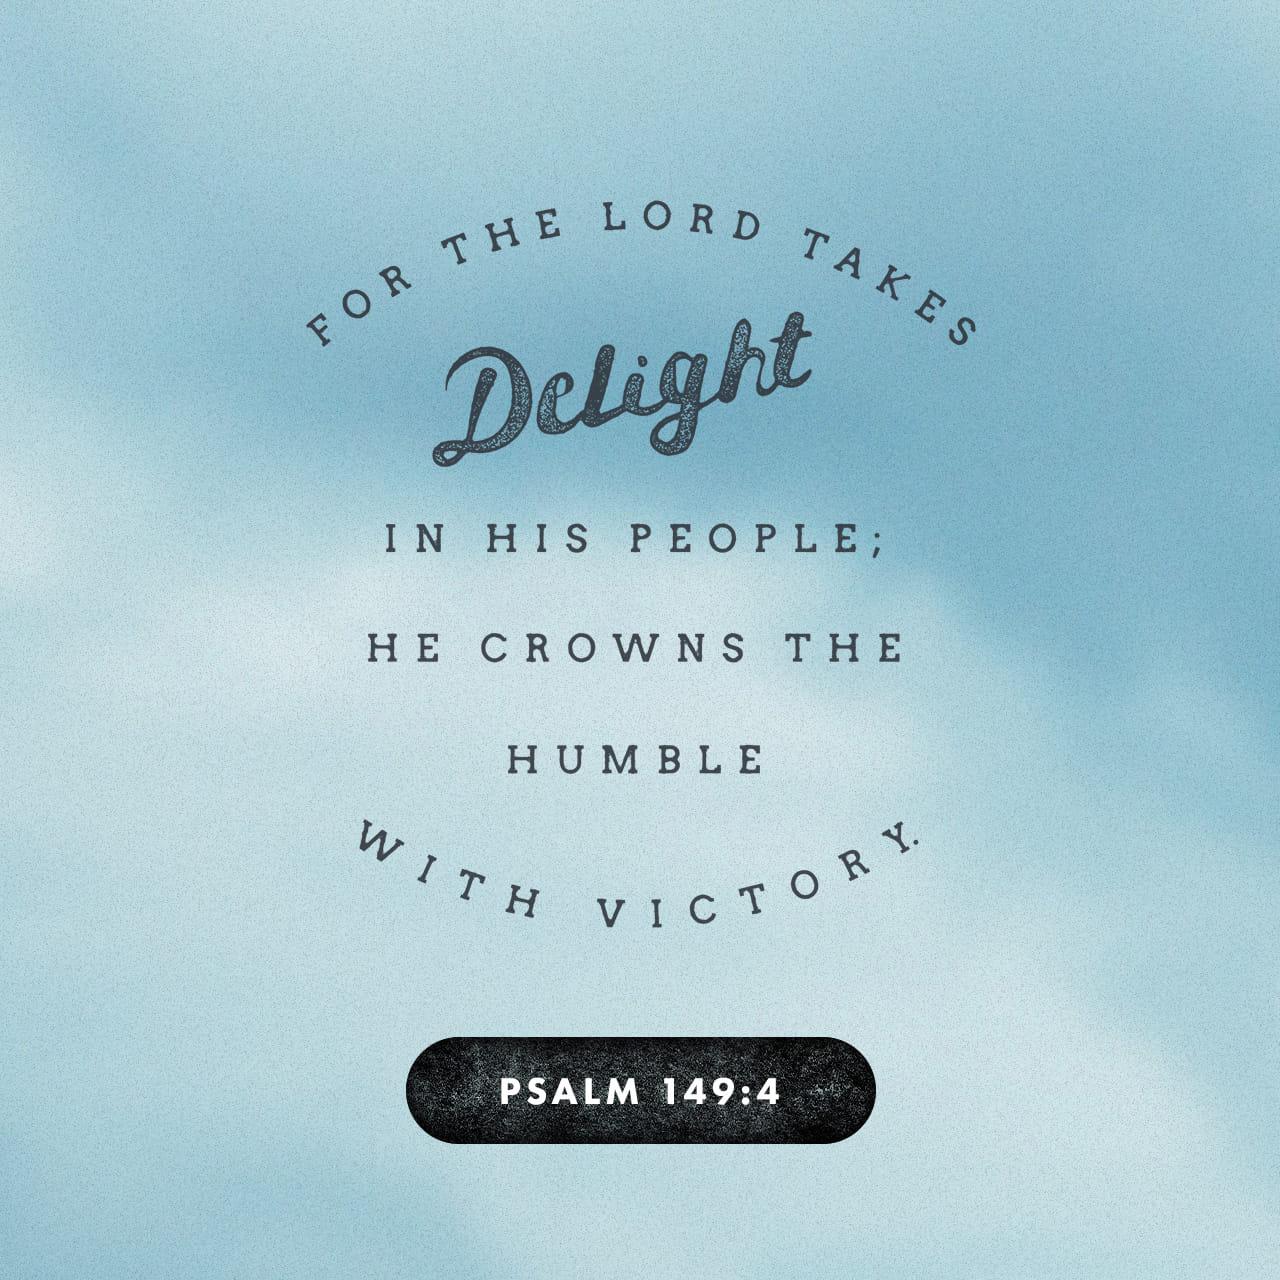 Salmos 149:4 porque el SEÑOR se deleita en su pueblo; él corona al humilde con victoria. | Nueva Traducción Viviente (NTV)